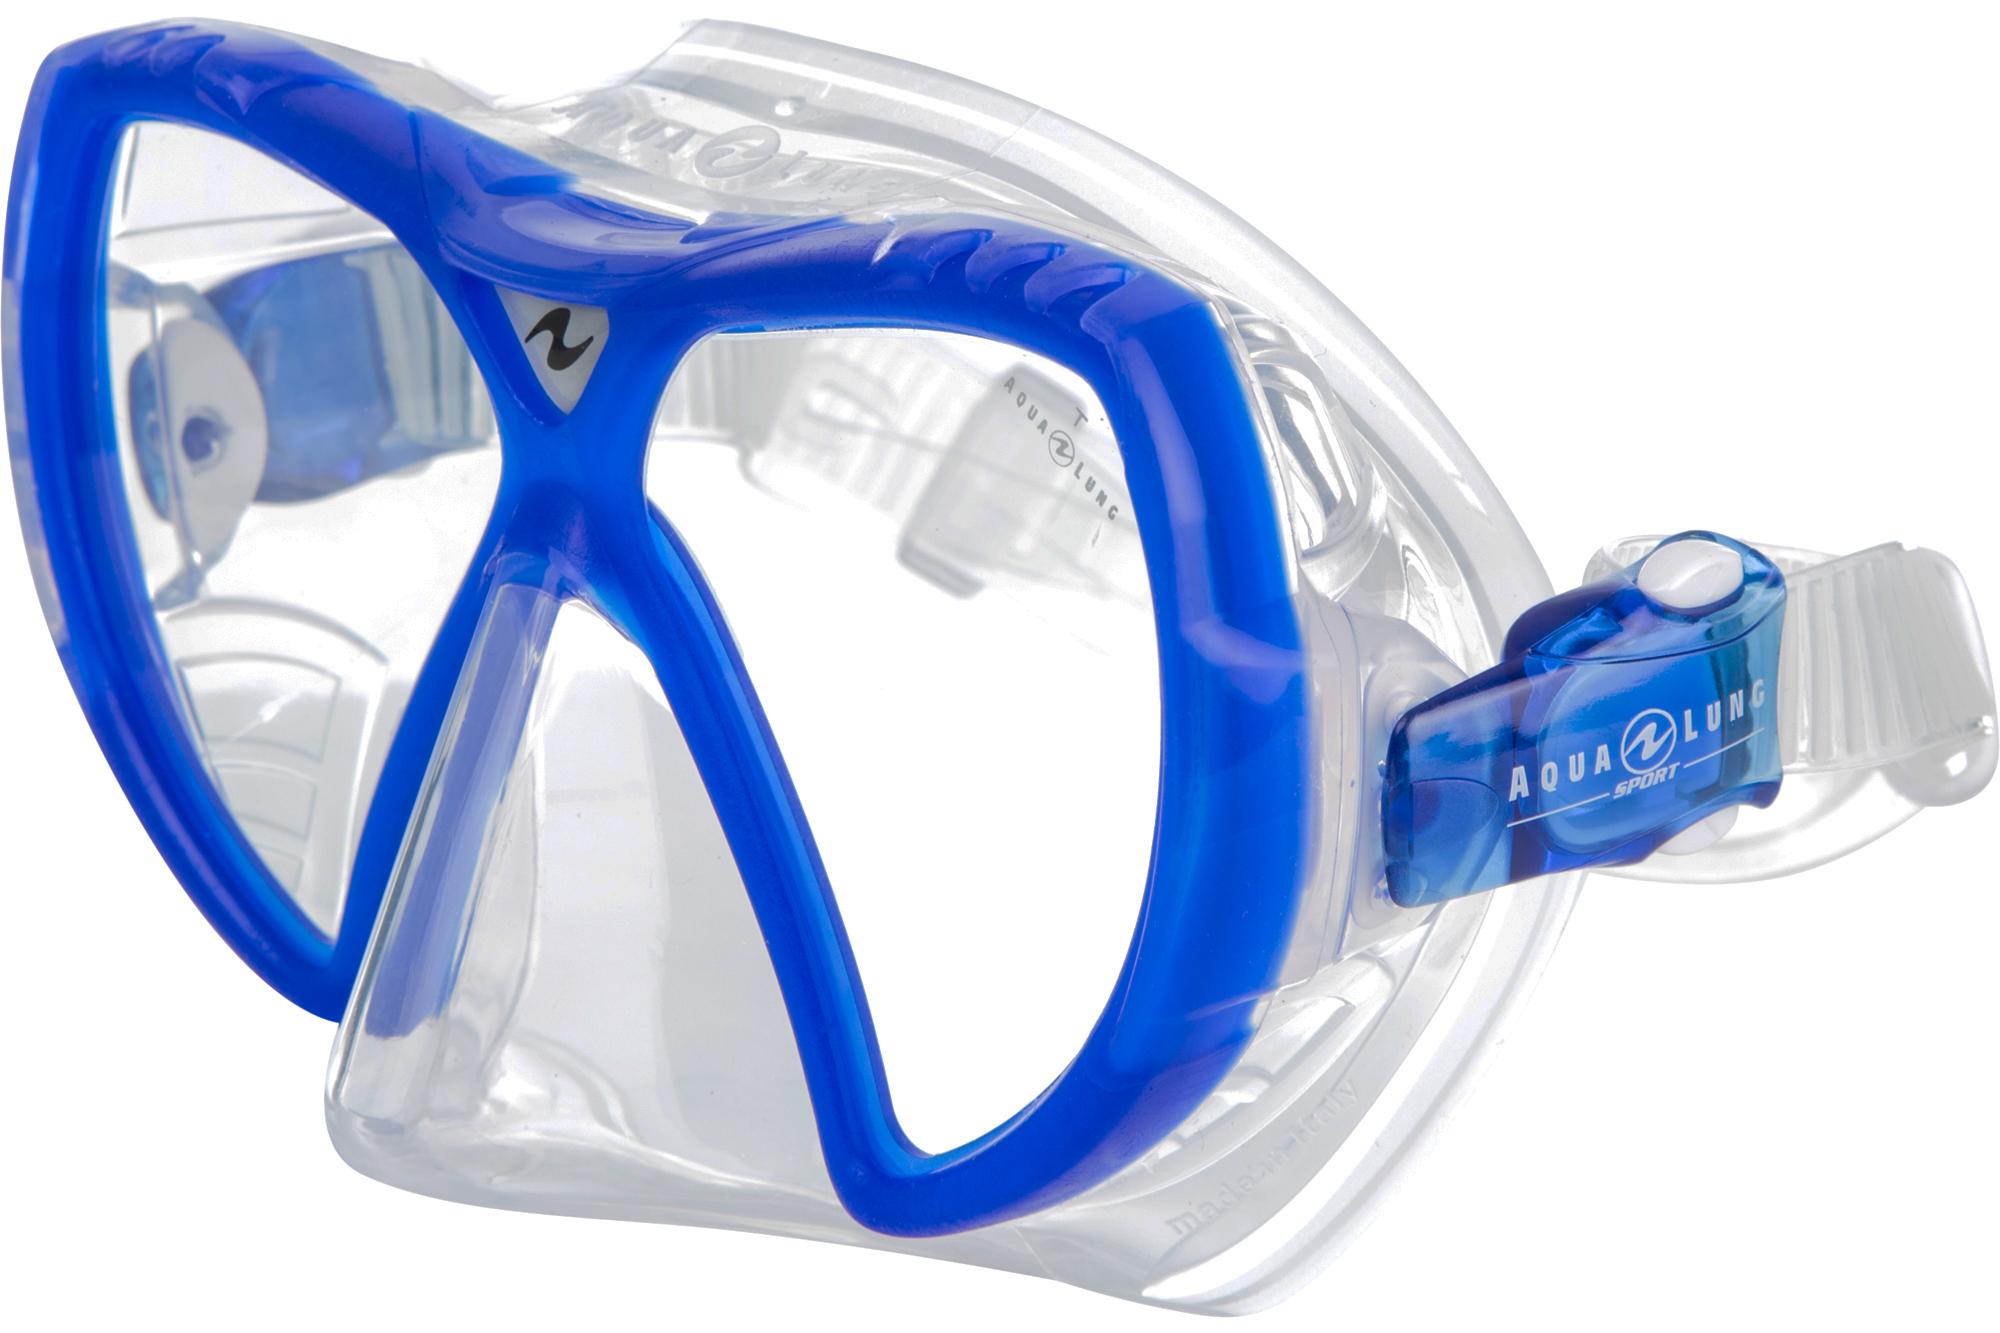 Aqualung Vision Flex LX